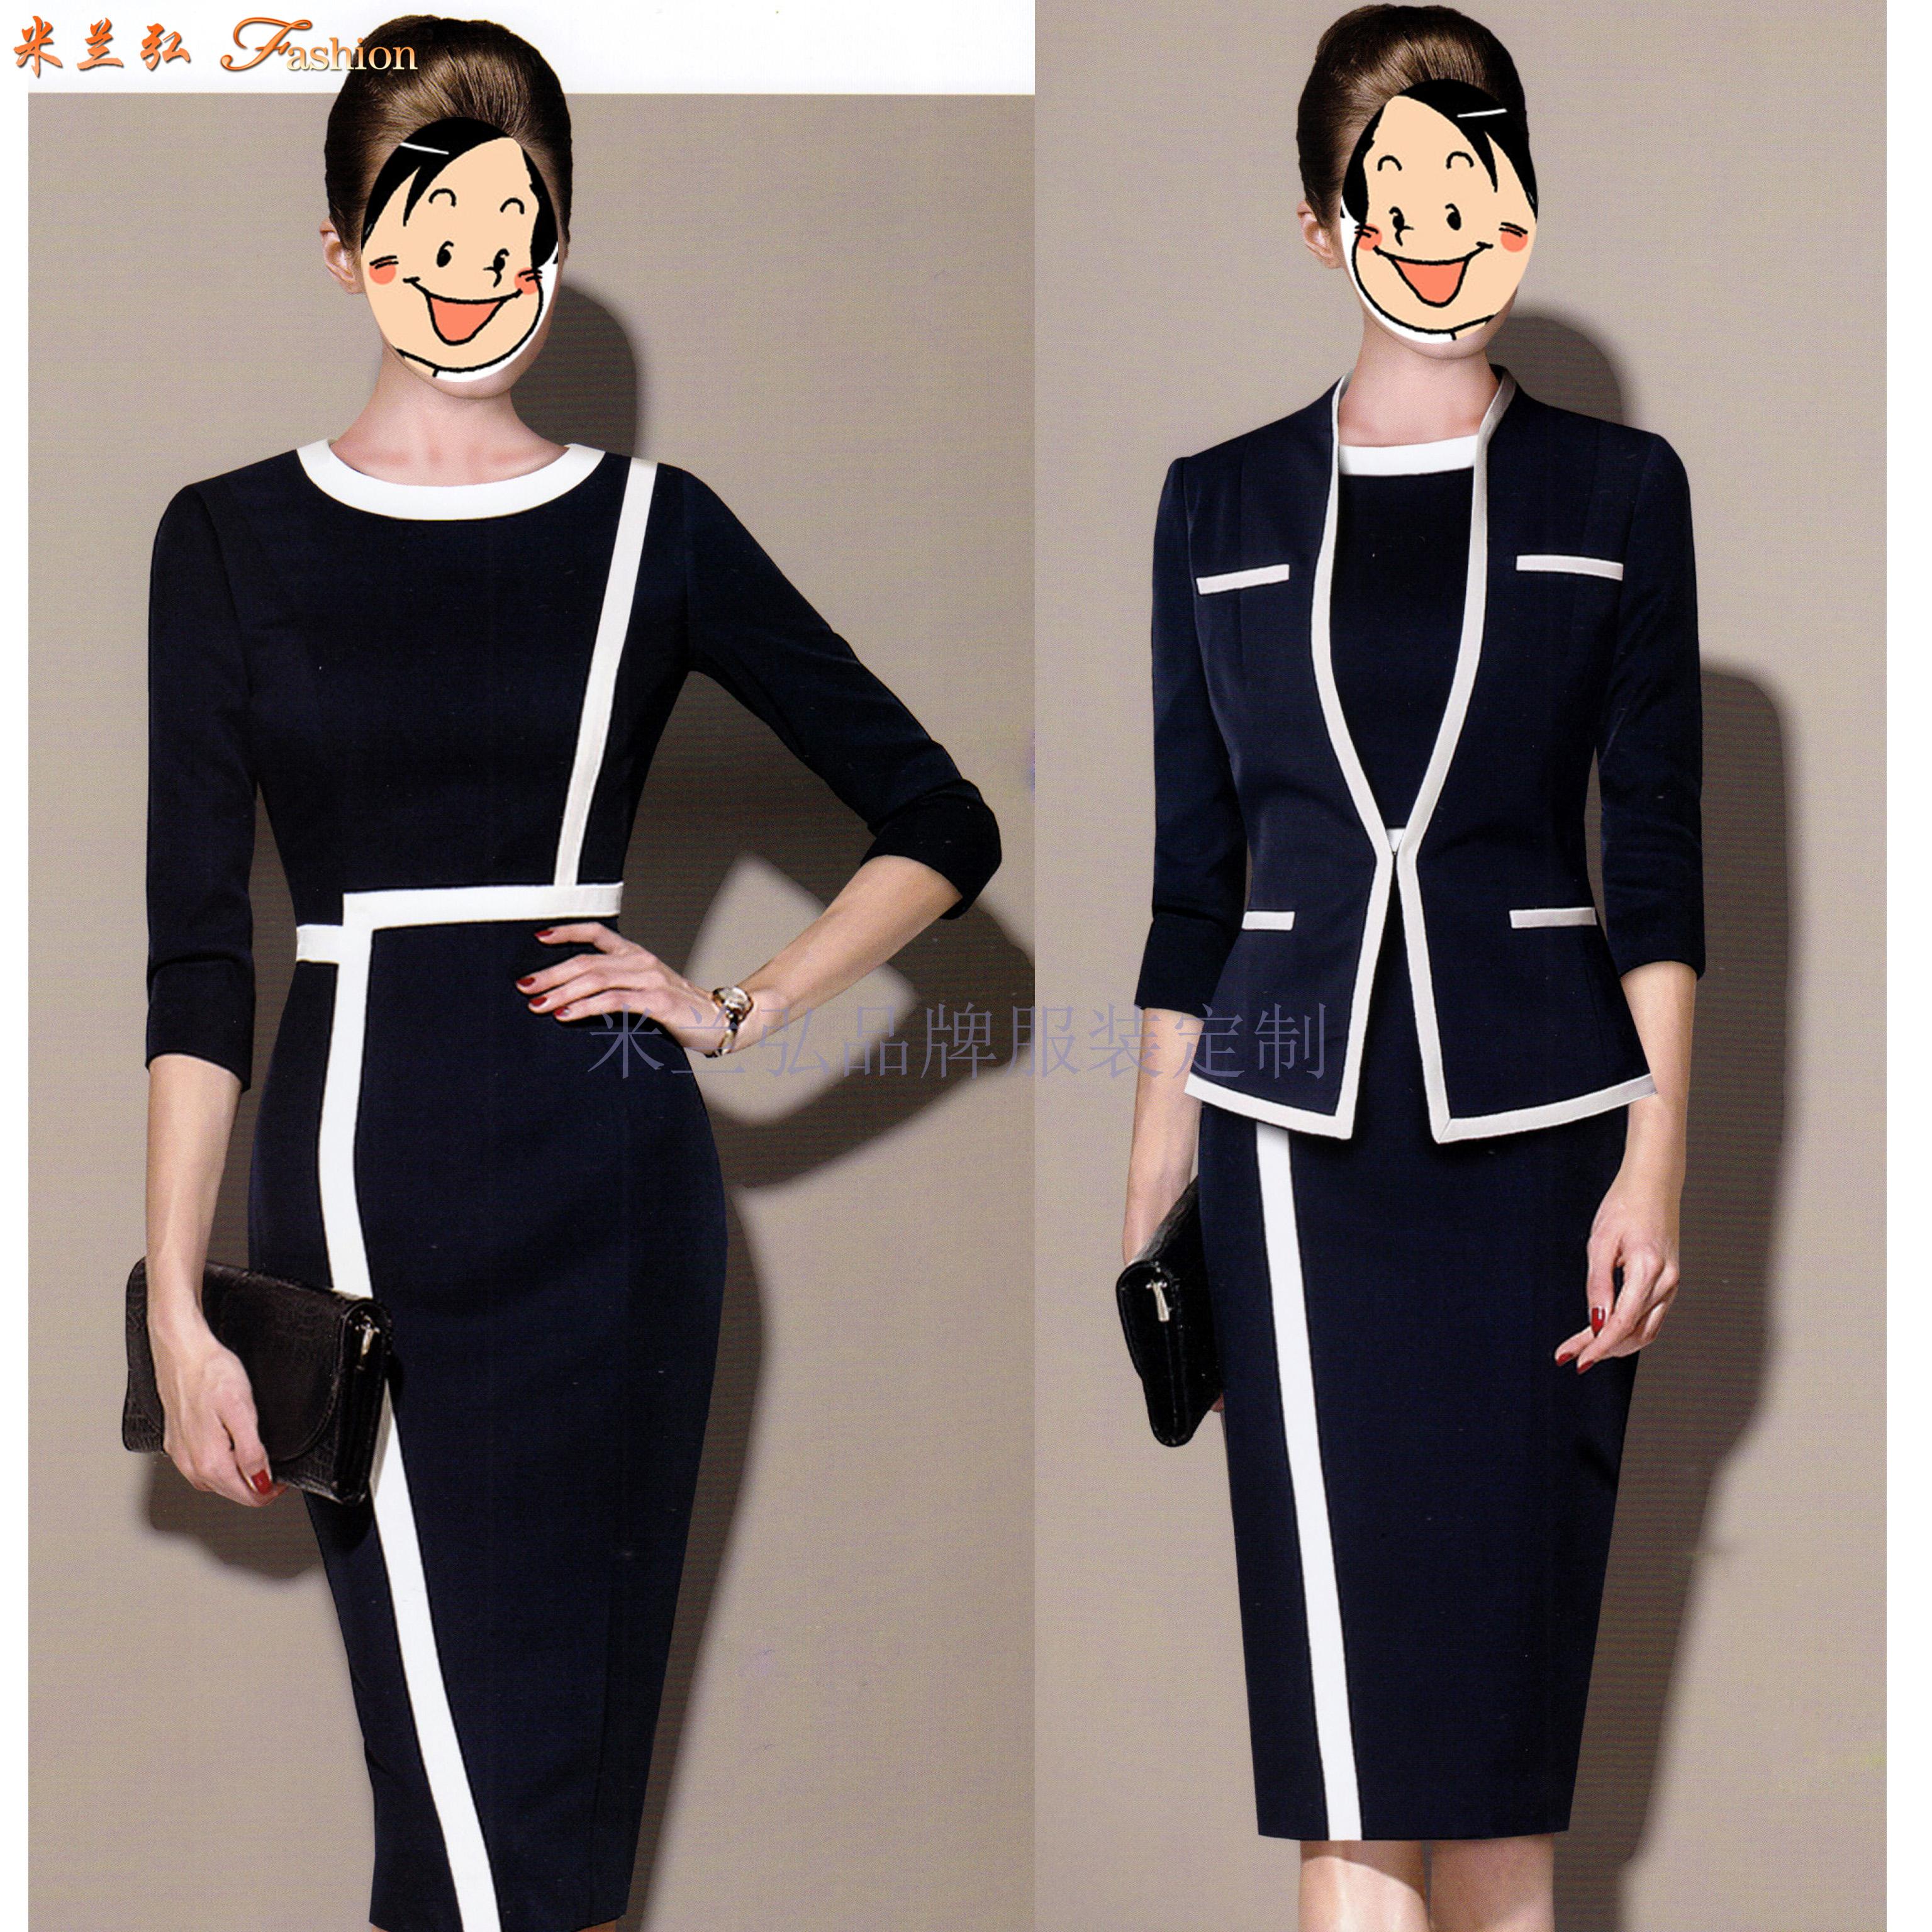 「安康連衣裙定制」陜西工作連衣裙圖片-米蘭弘服裝-4